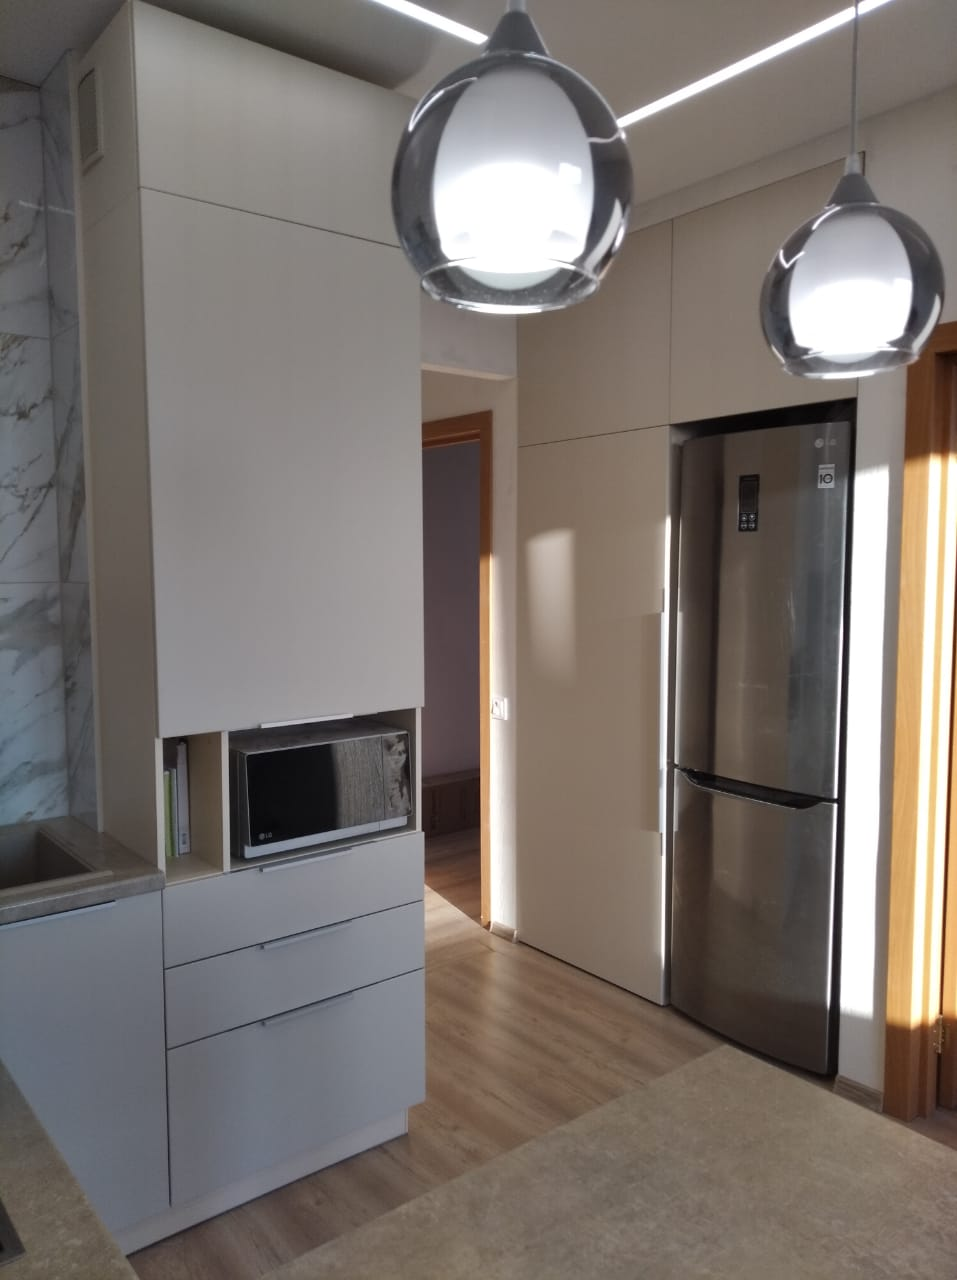 Второе фото Светлая матовая кухня под потолок с пеналами и барной стойкой